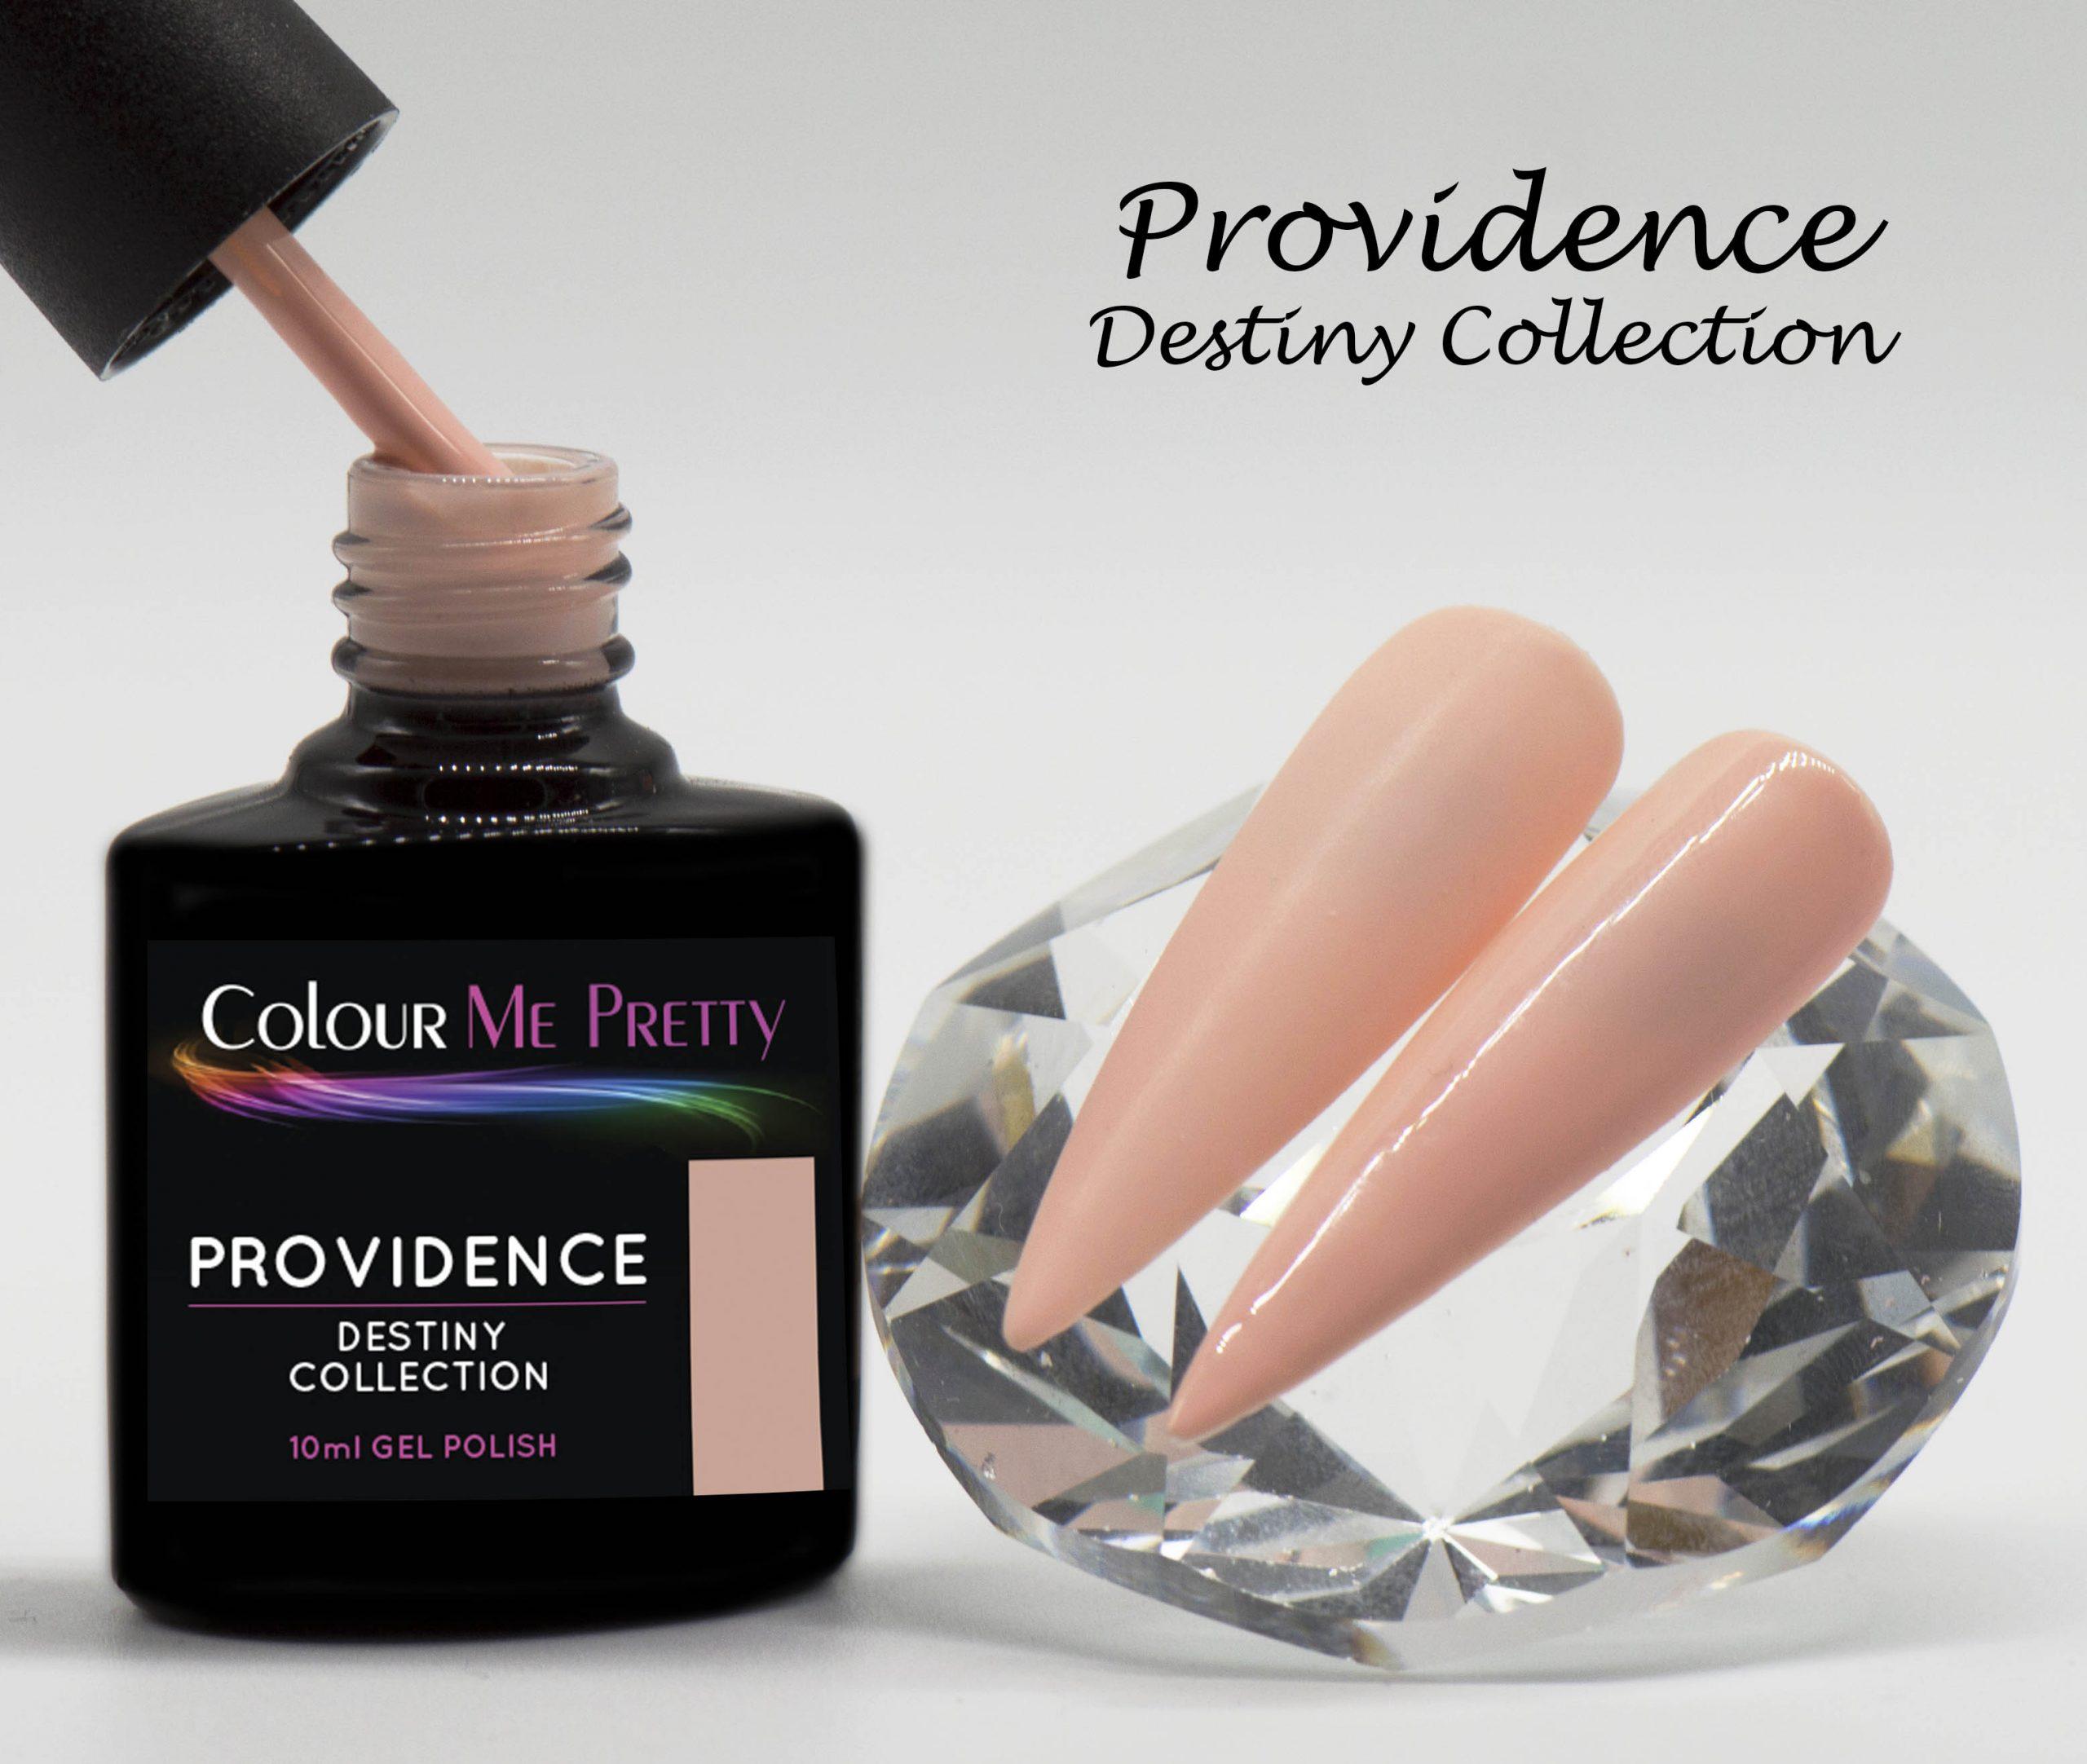 Destiny Providence